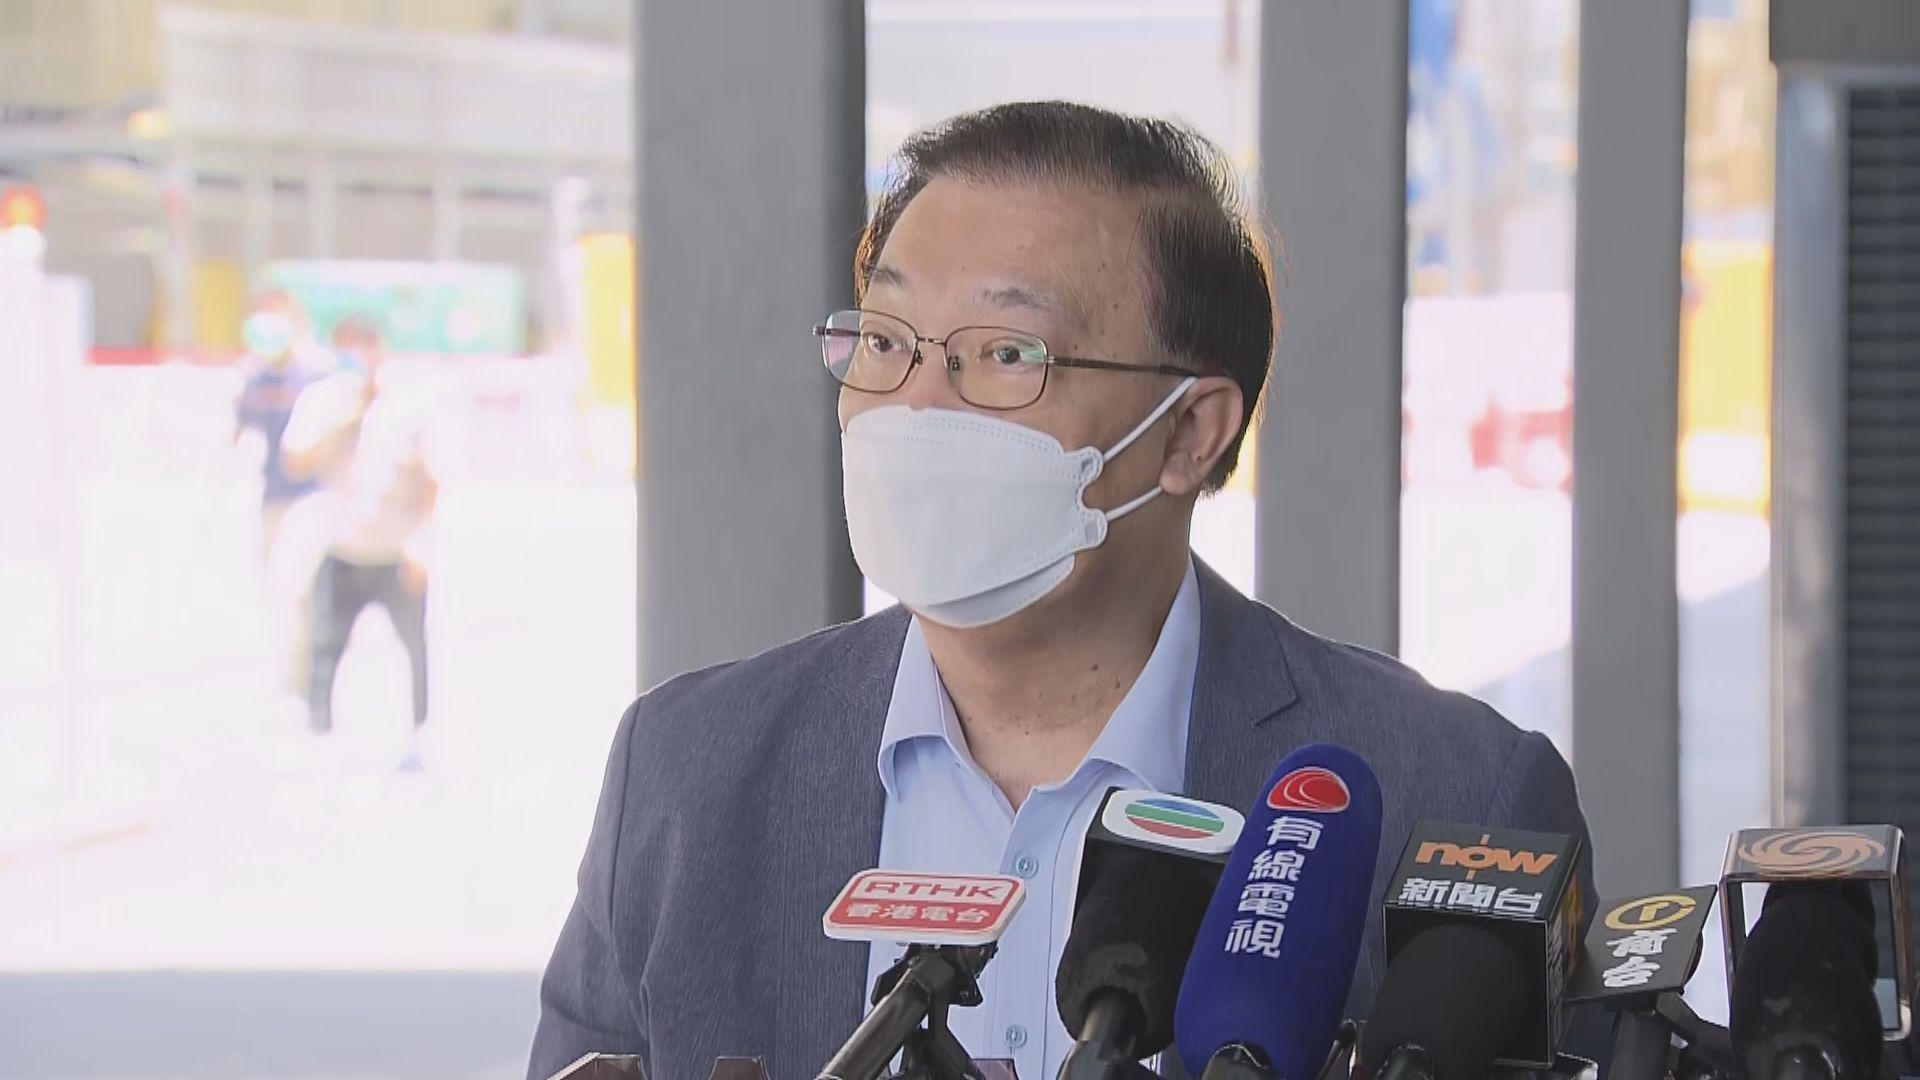 譚耀宗赴京開人大常委會 指不反映反對港區國安法意見